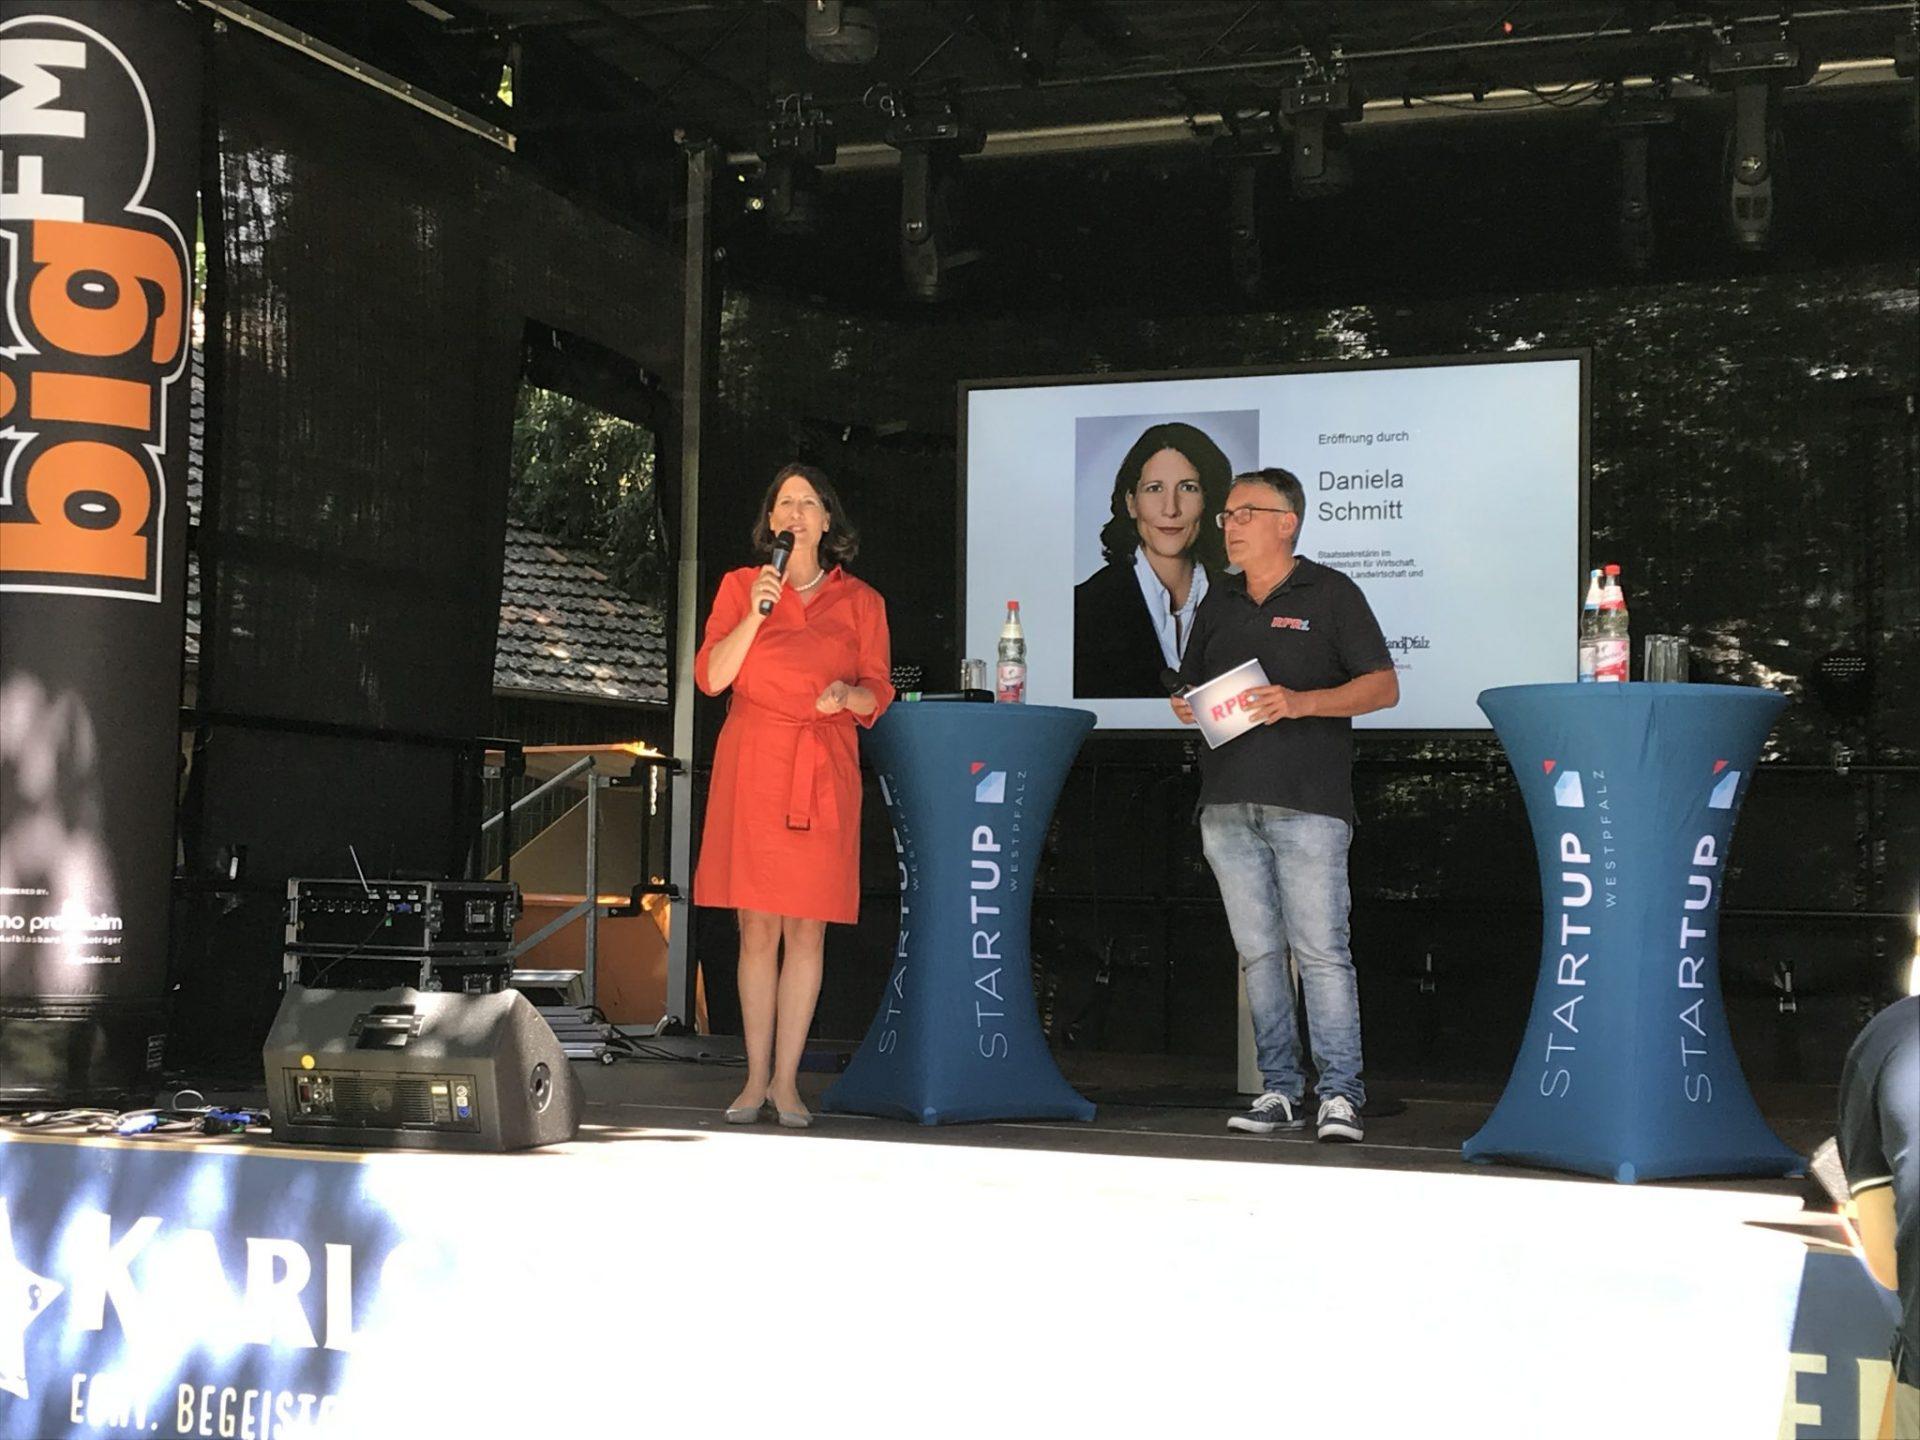 Staatssekretärin Daniela Schmitt eröffnet das Startup Festival. Dafür steht sie neben einem Moderator auf einer Bühne.